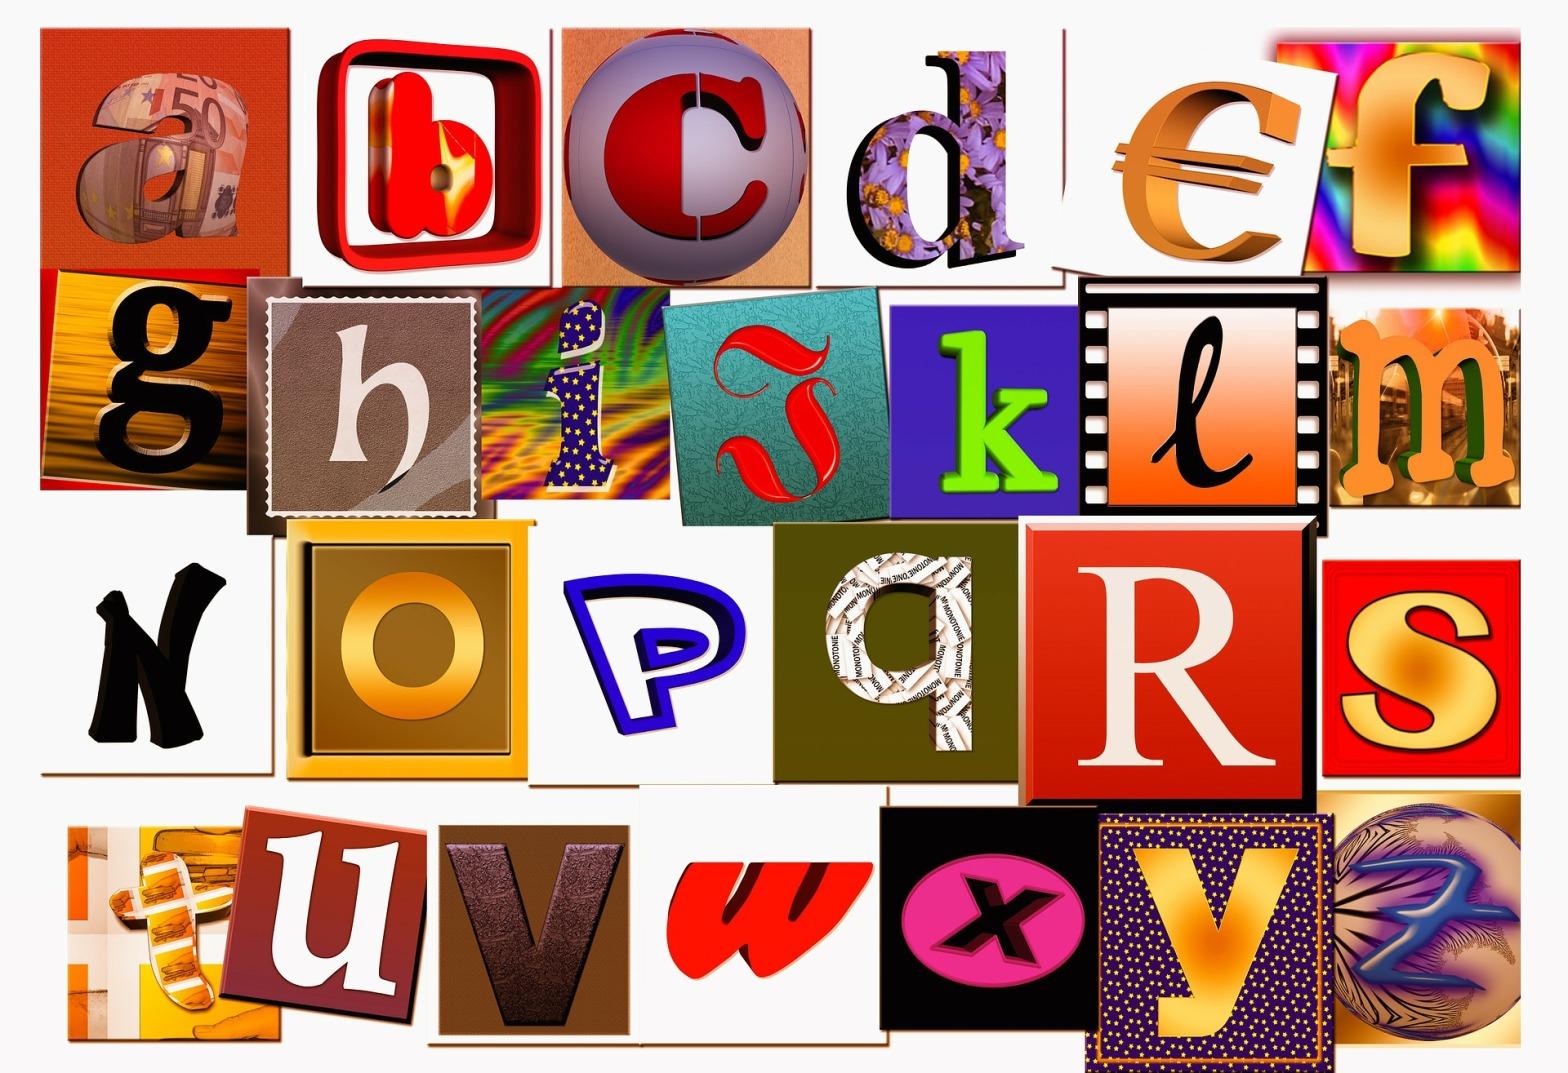 Jogo_das_palavras_capoeira_digital